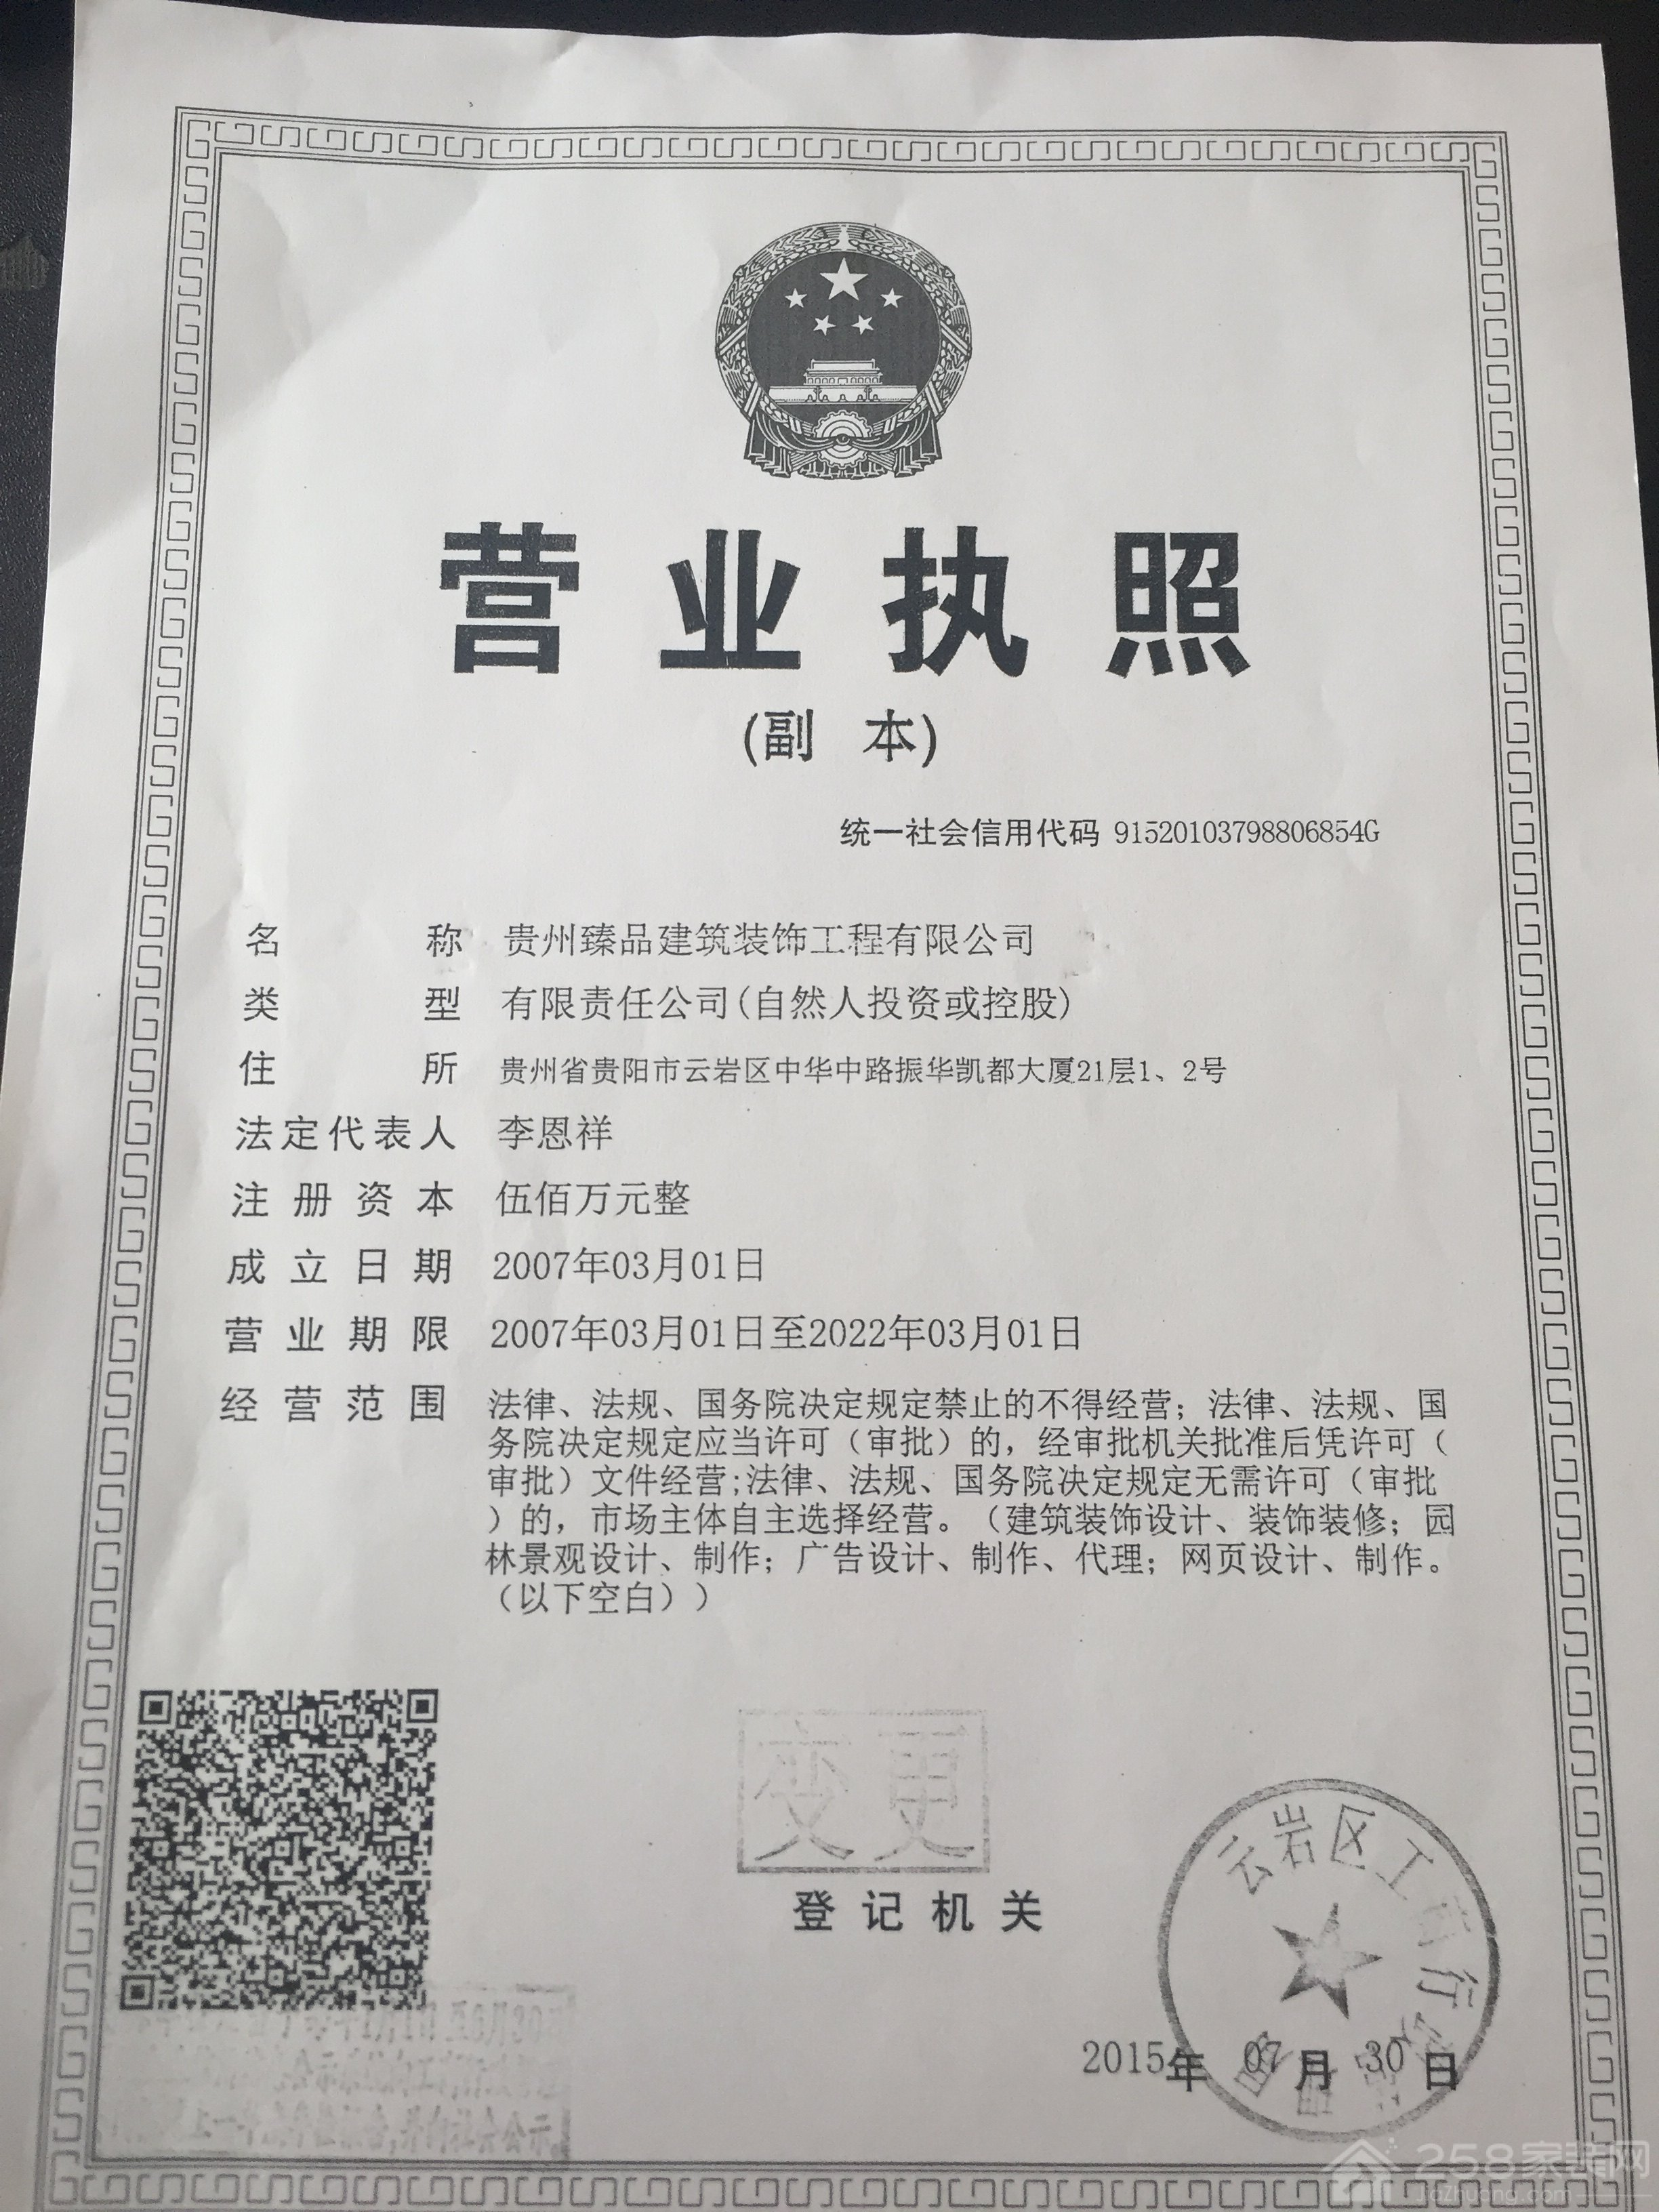 贵州臻品建筑装饰工程有限公司